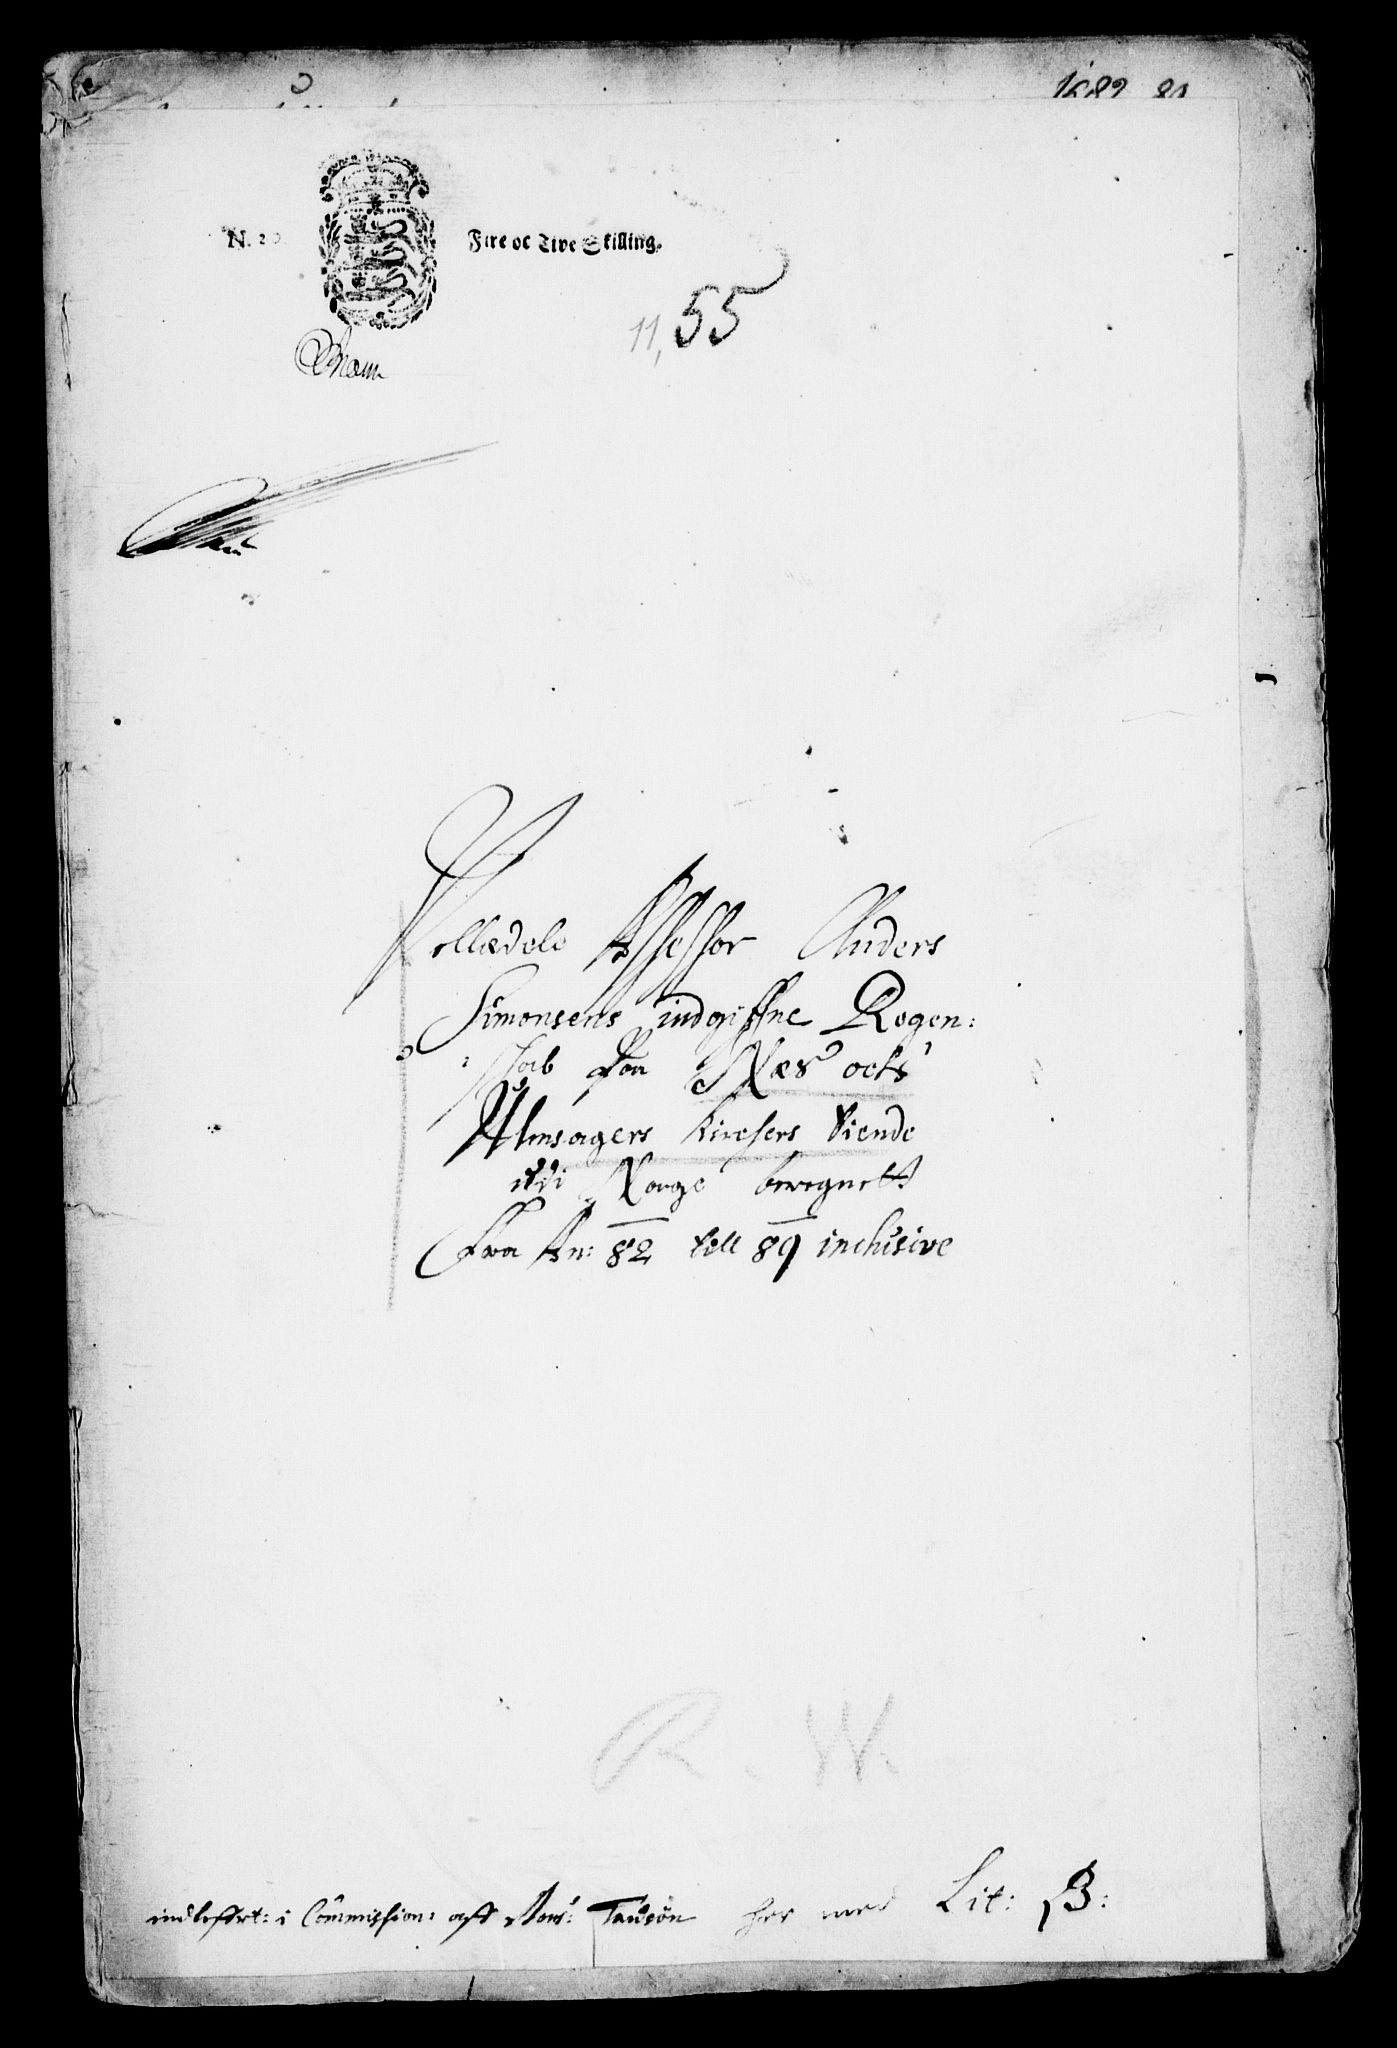 RA, Danske Kanselli, Skapsaker, G/L0019: Tillegg til skapsakene, 1616-1753, p. 243